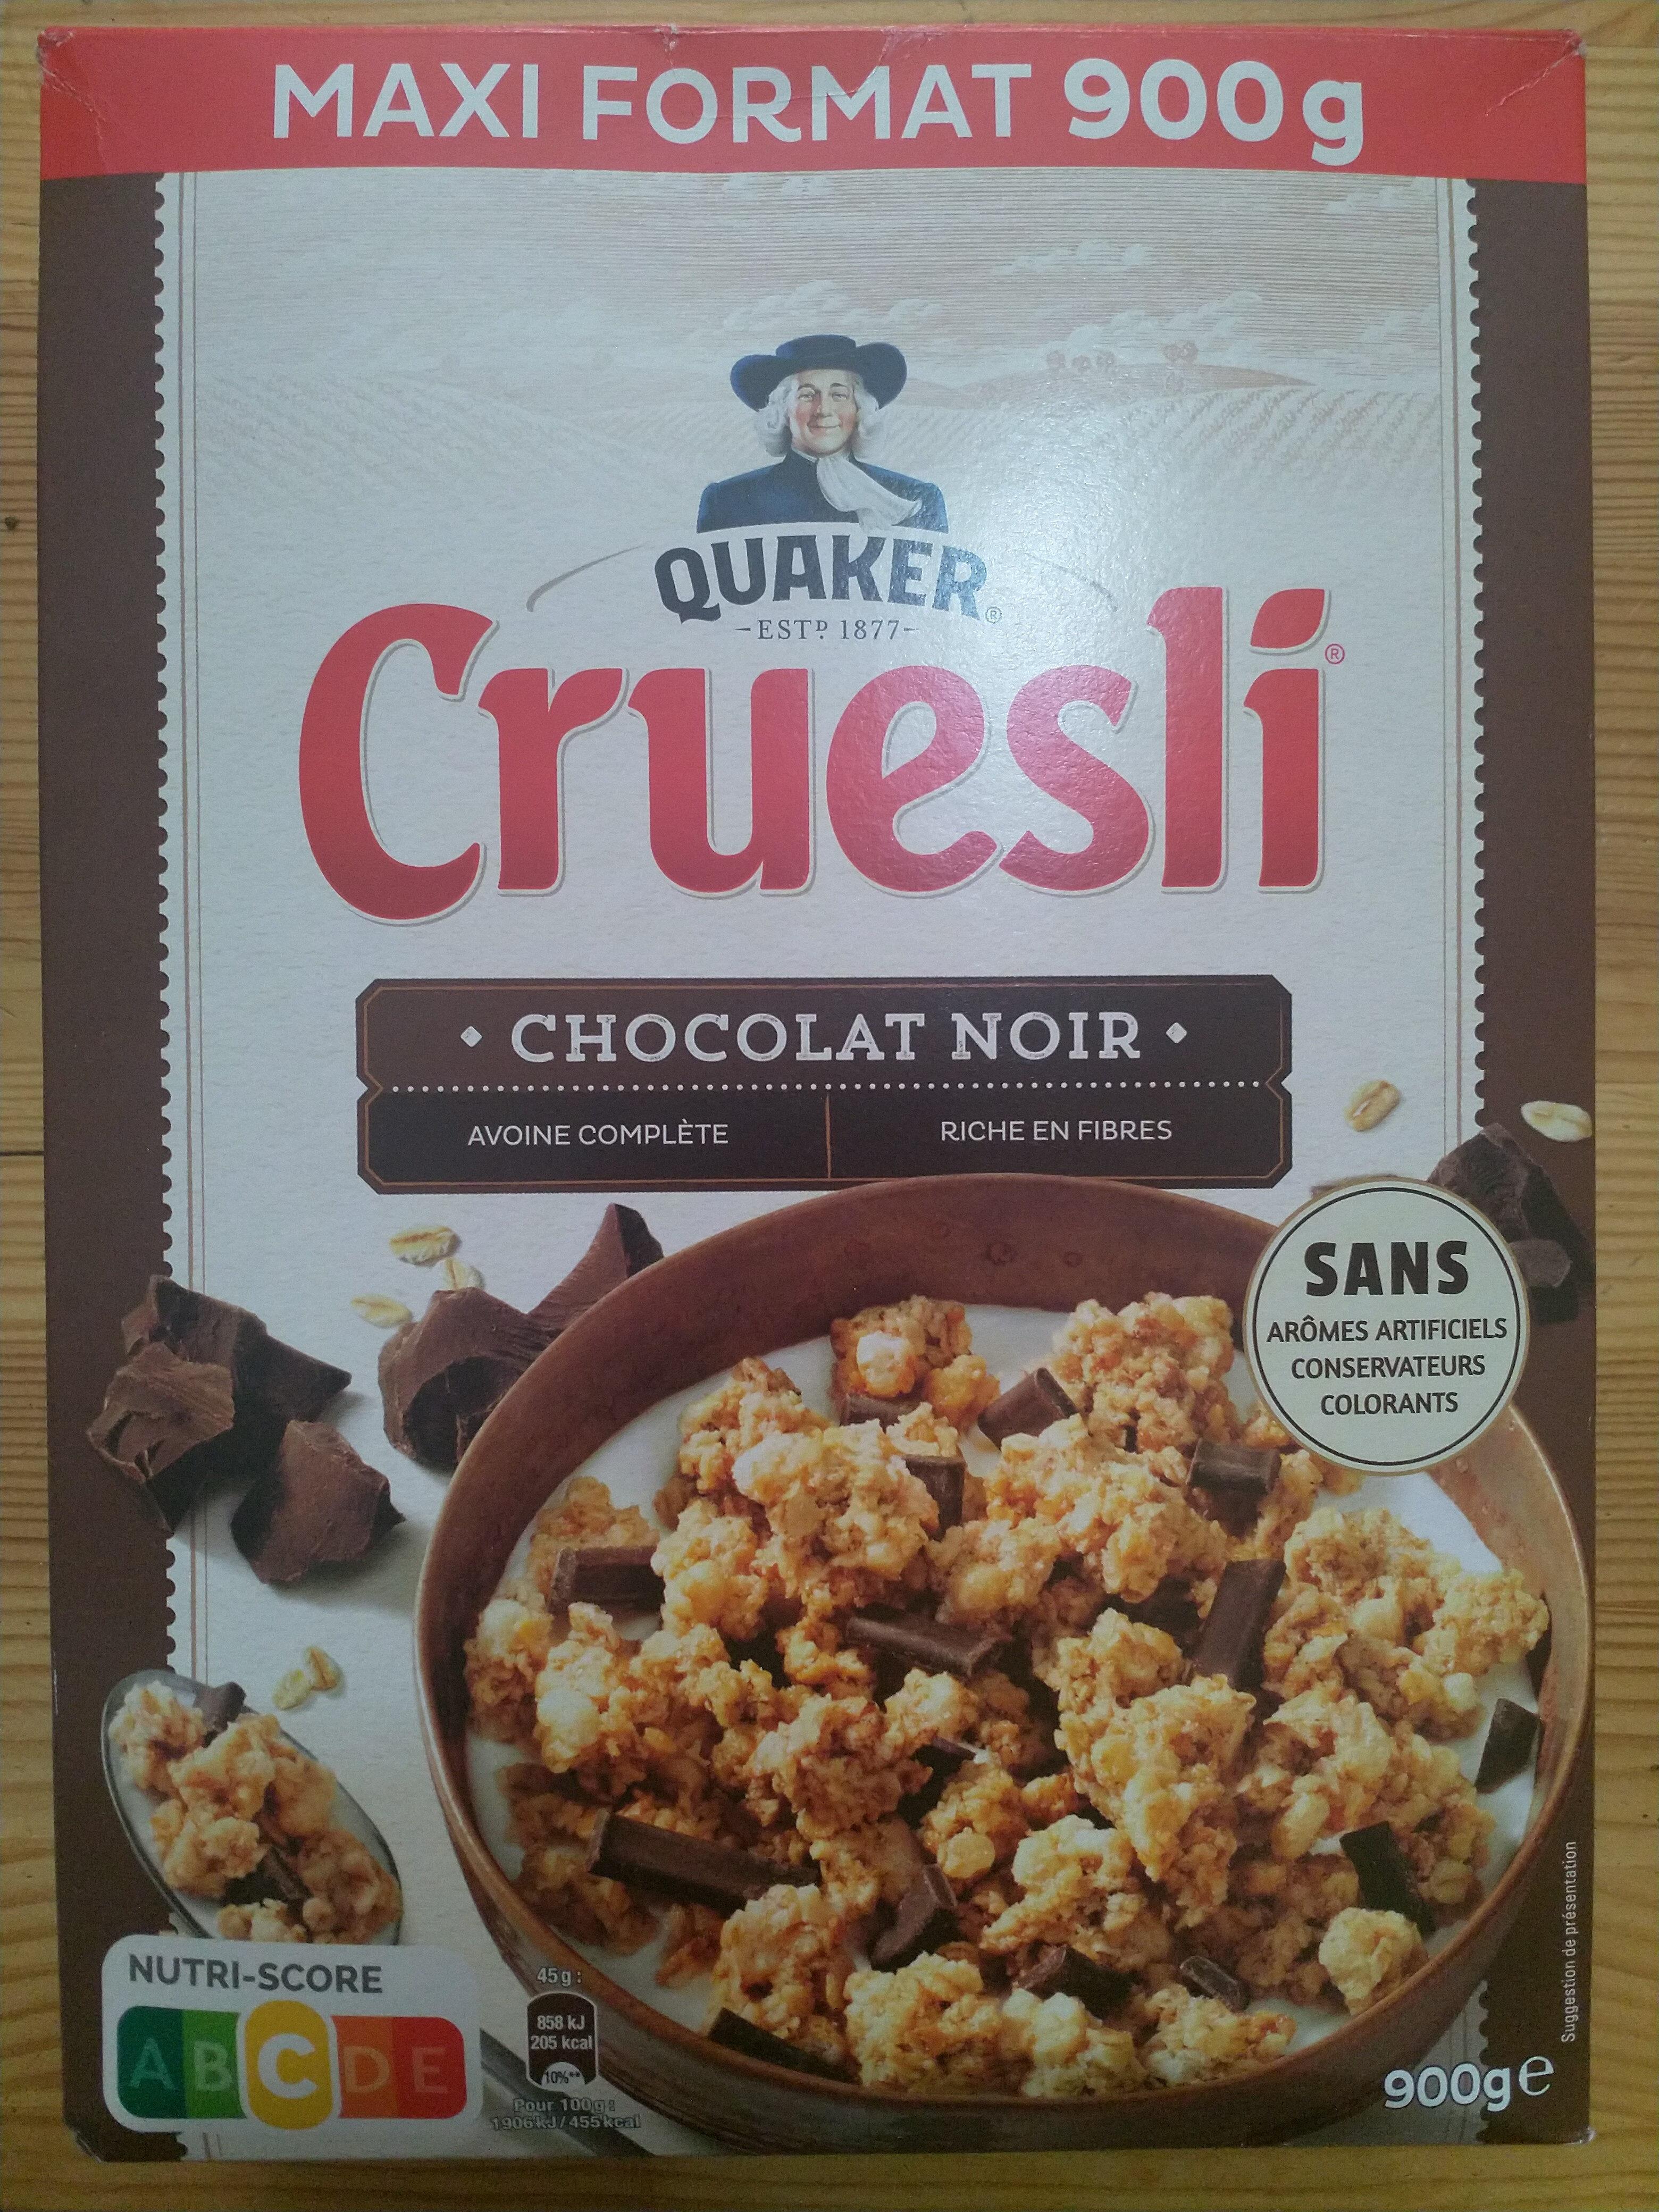 Quaker Cruesli Chocolat noir maxi format - Prodotto - fr